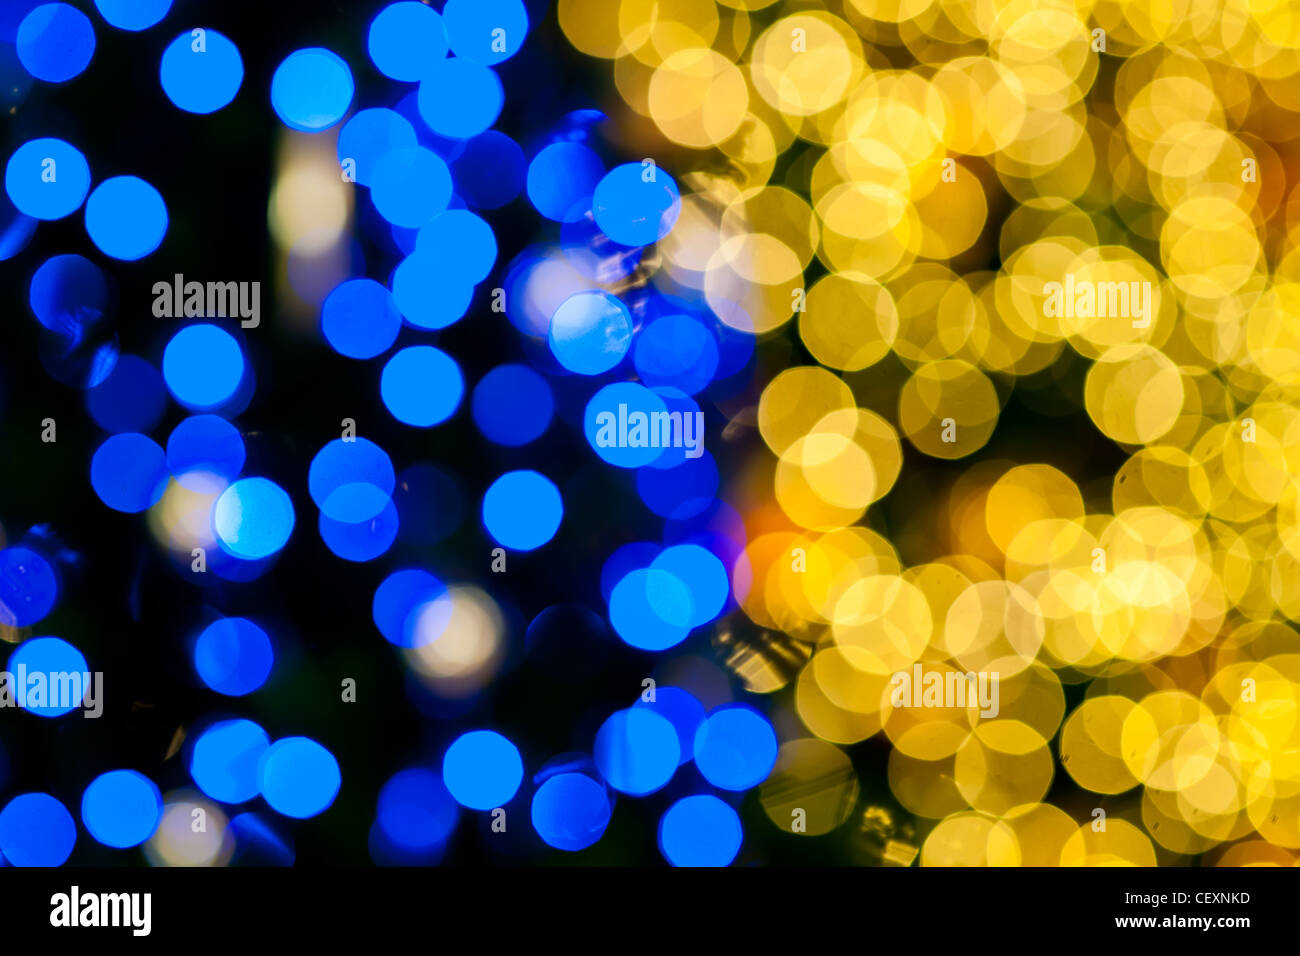 Weihnachtsdeko Nkd.Christmas Light Stock Photos Christmas Light Stock Images Alamy